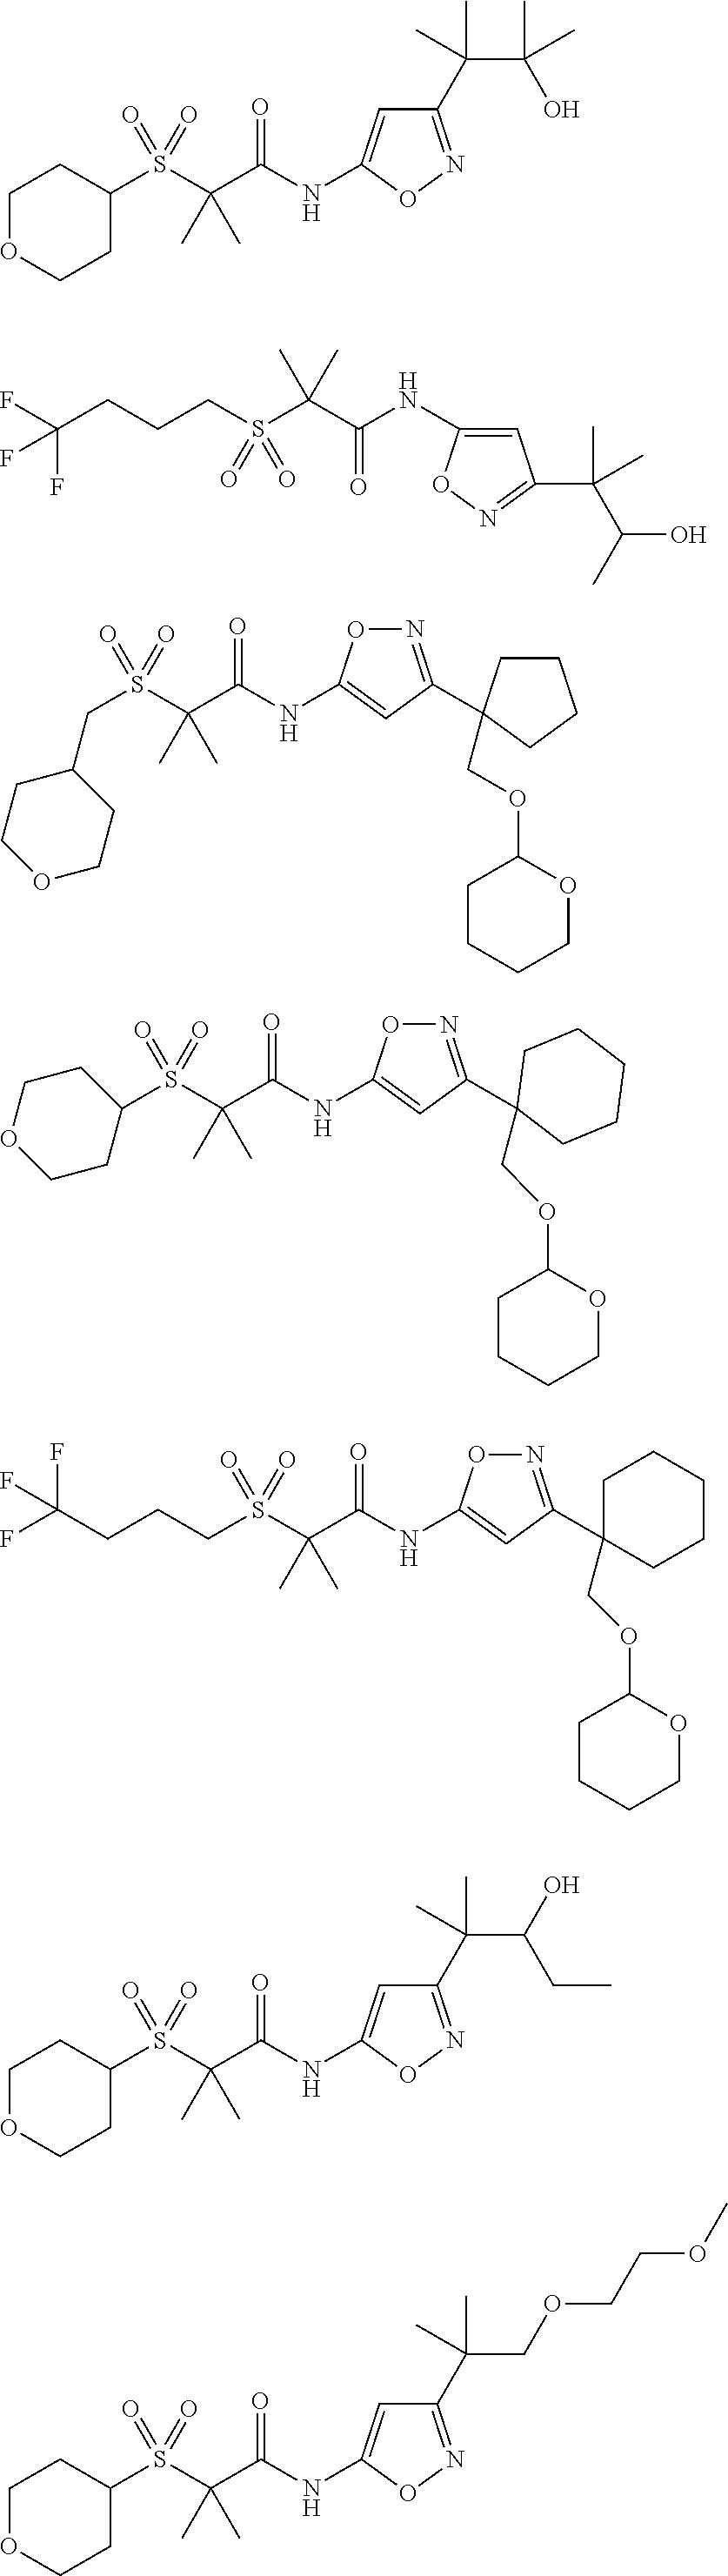 Figure US08372874-20130212-C00468